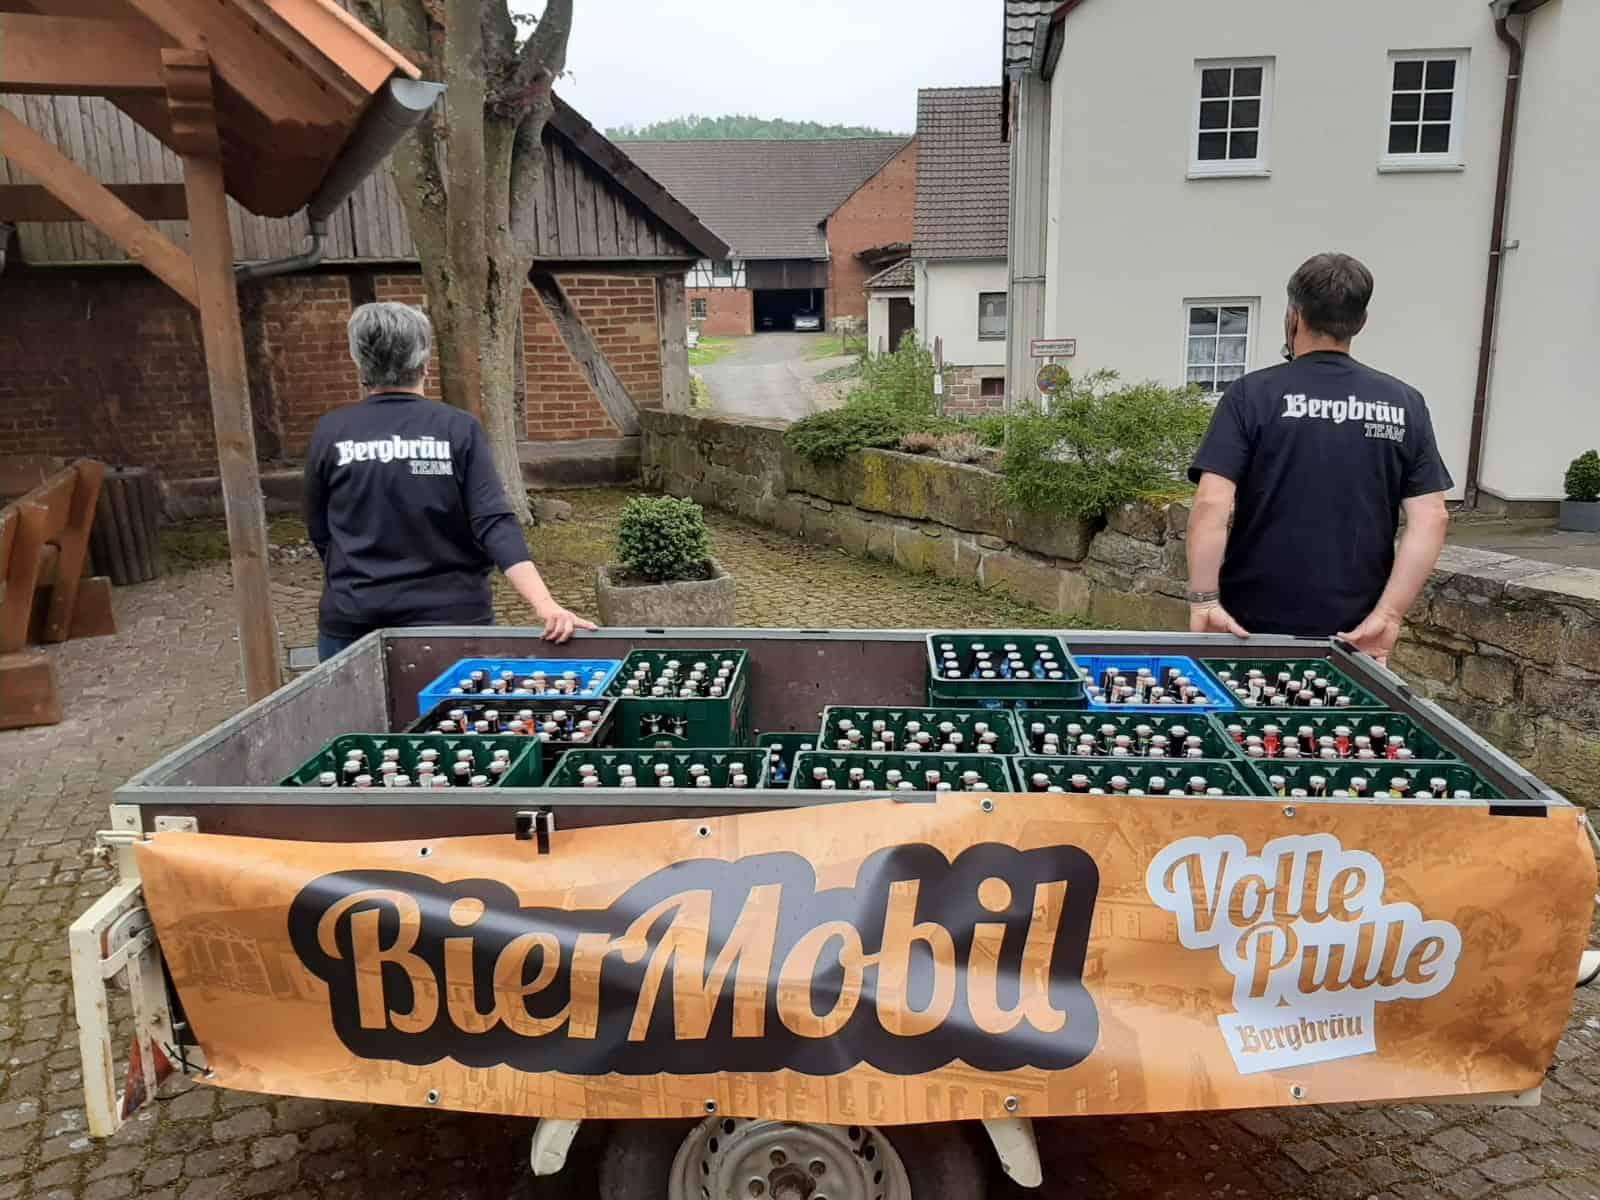 BierMobil in Bollensen